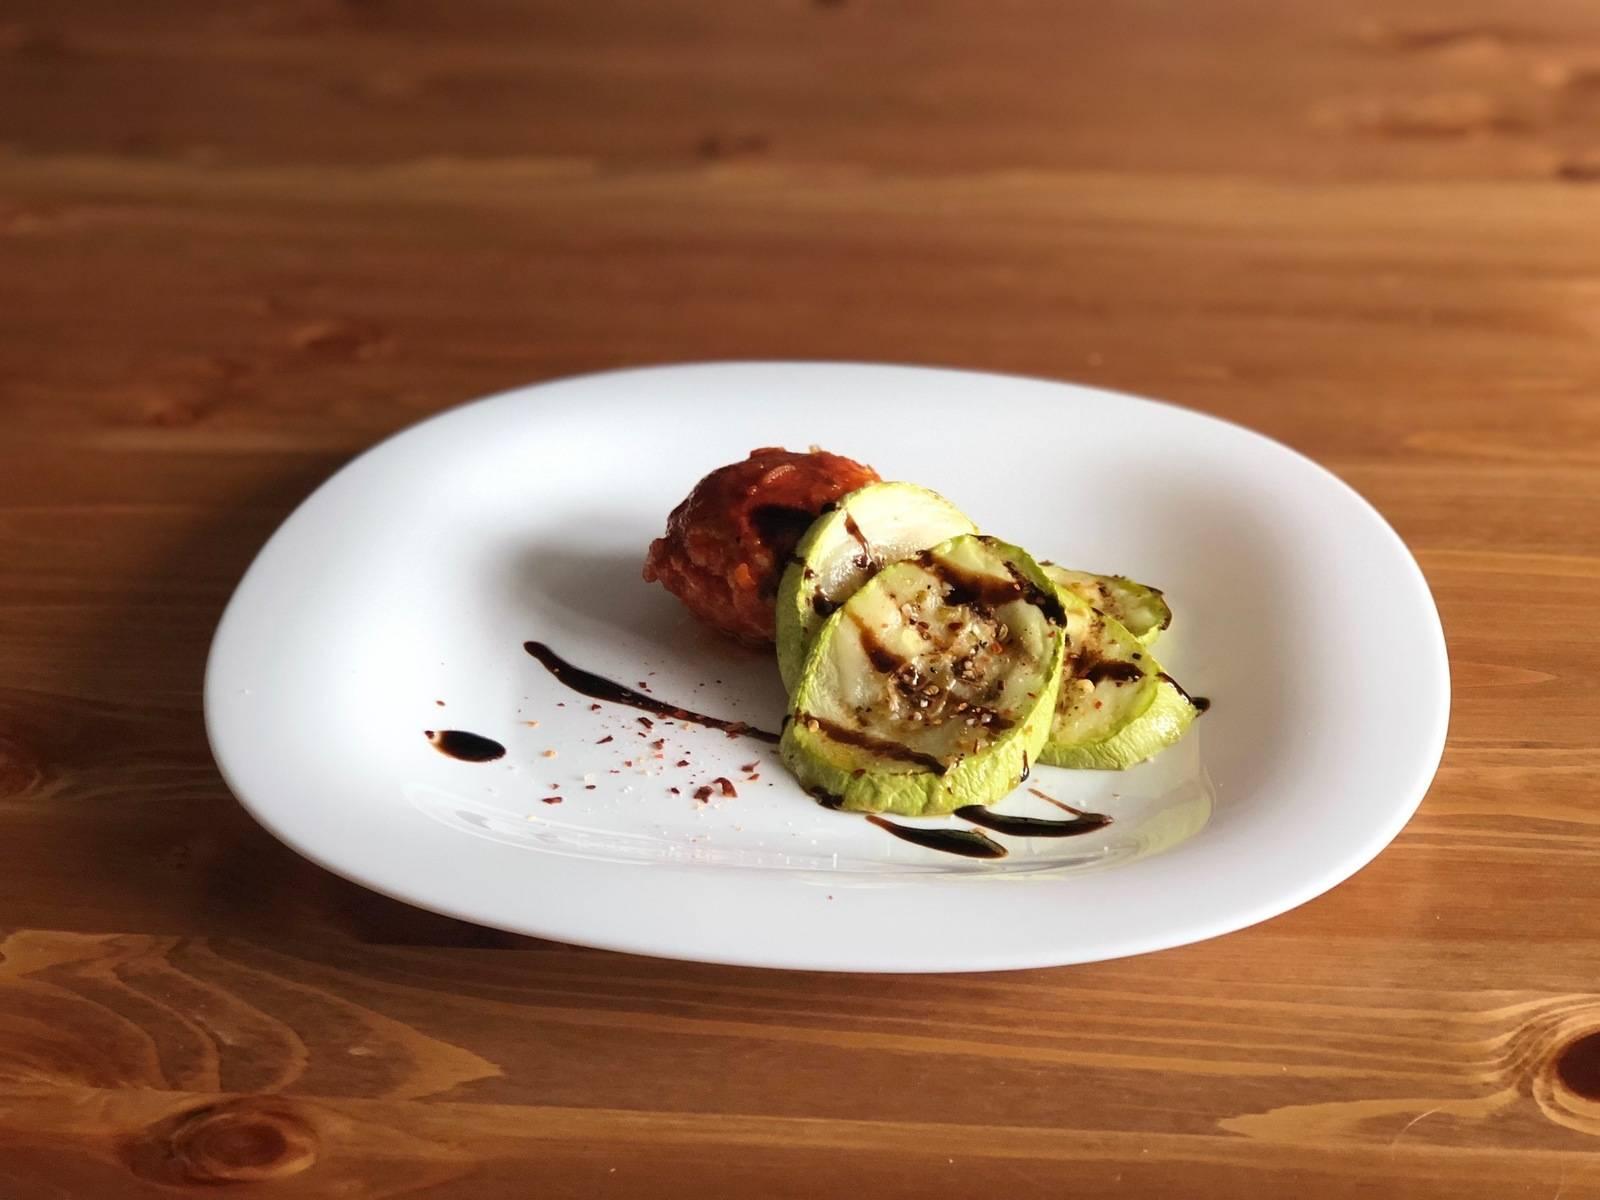 Кабачки фаршированные мясом, запеченные в духовке - пошаговый рецепт с фото